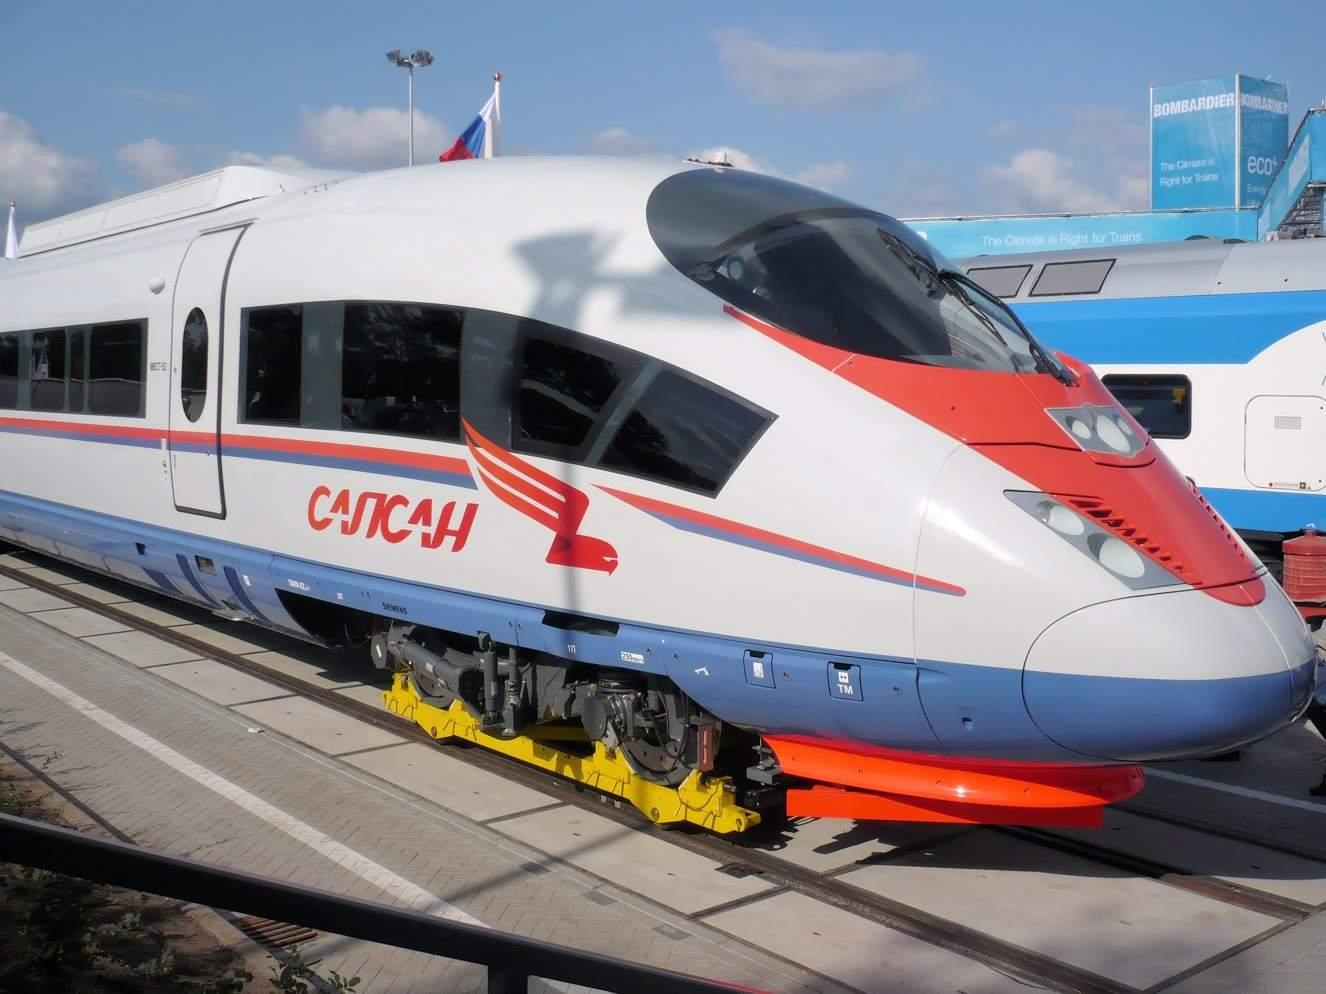 Билеты на поезд стали все чаще приобретать онлайн